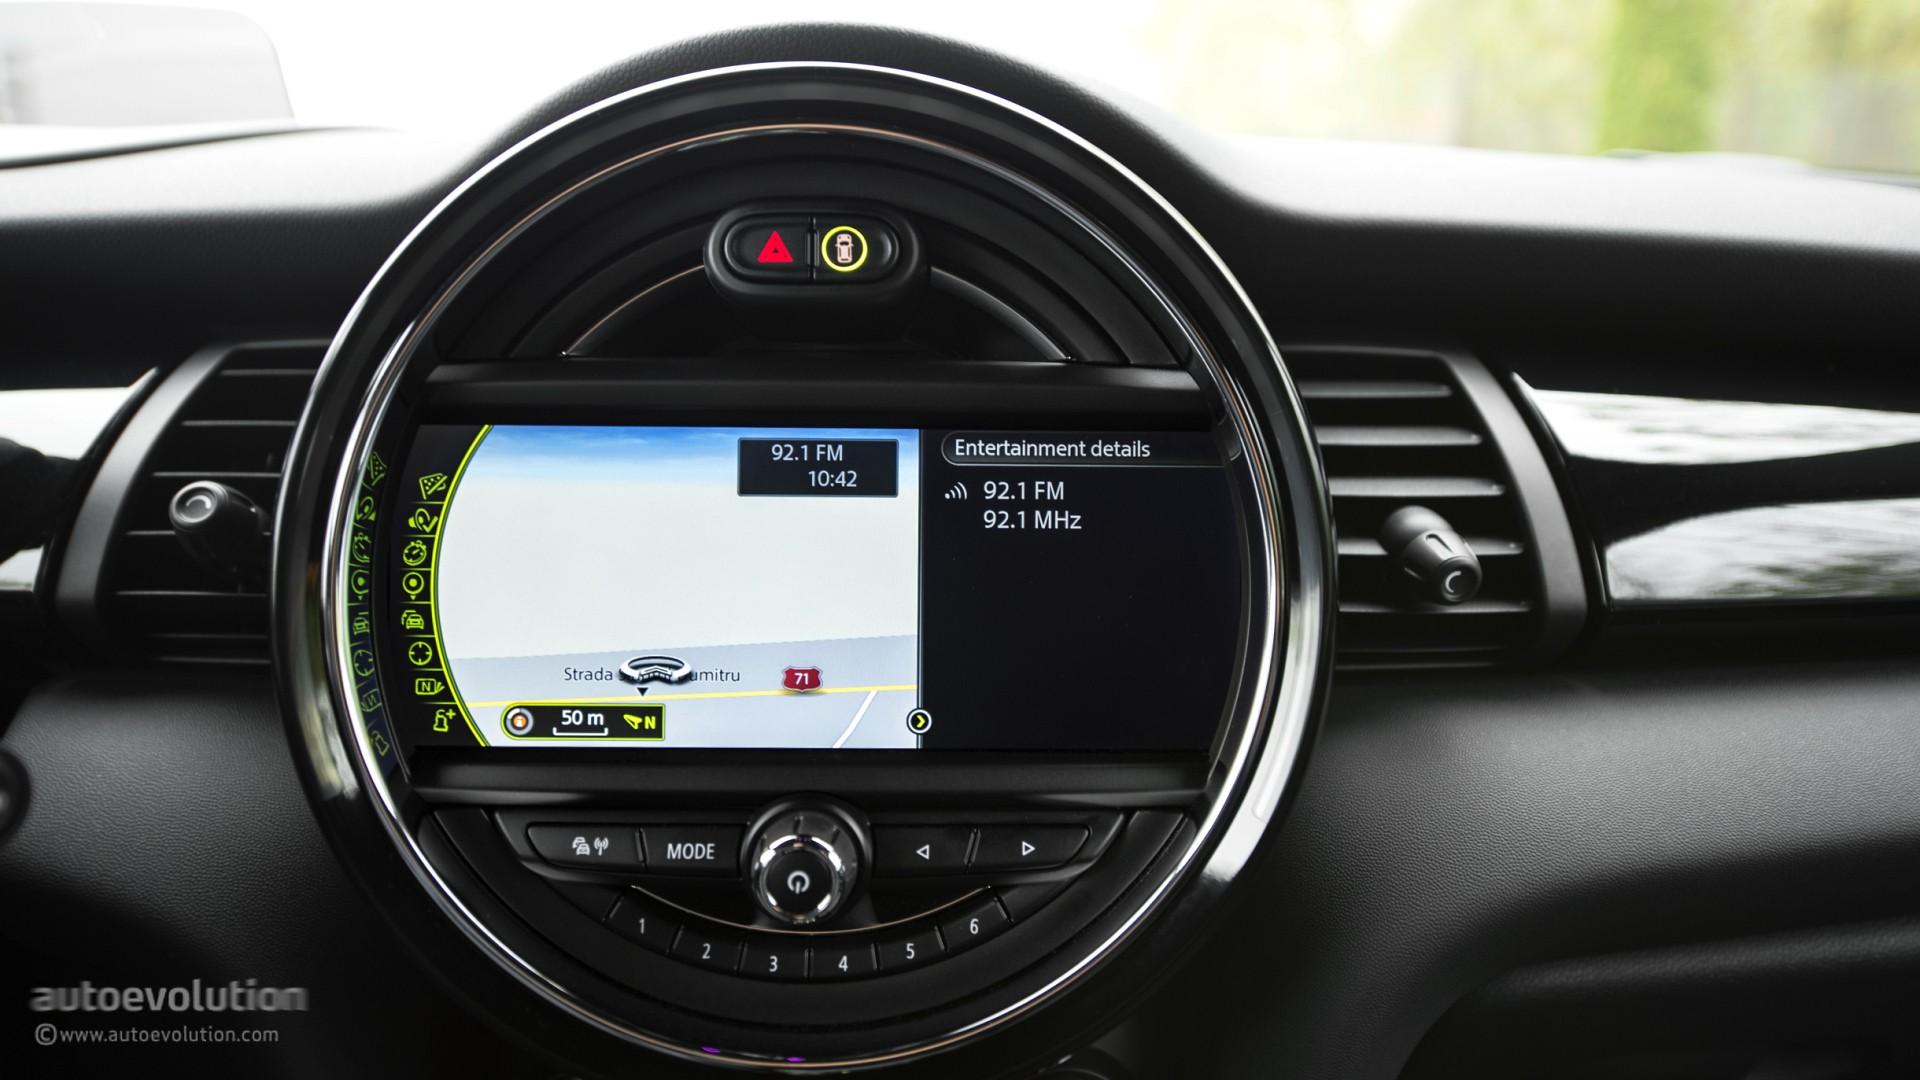 2014 Mini Cooper S Hardtop 5 Door Review Autoevolution